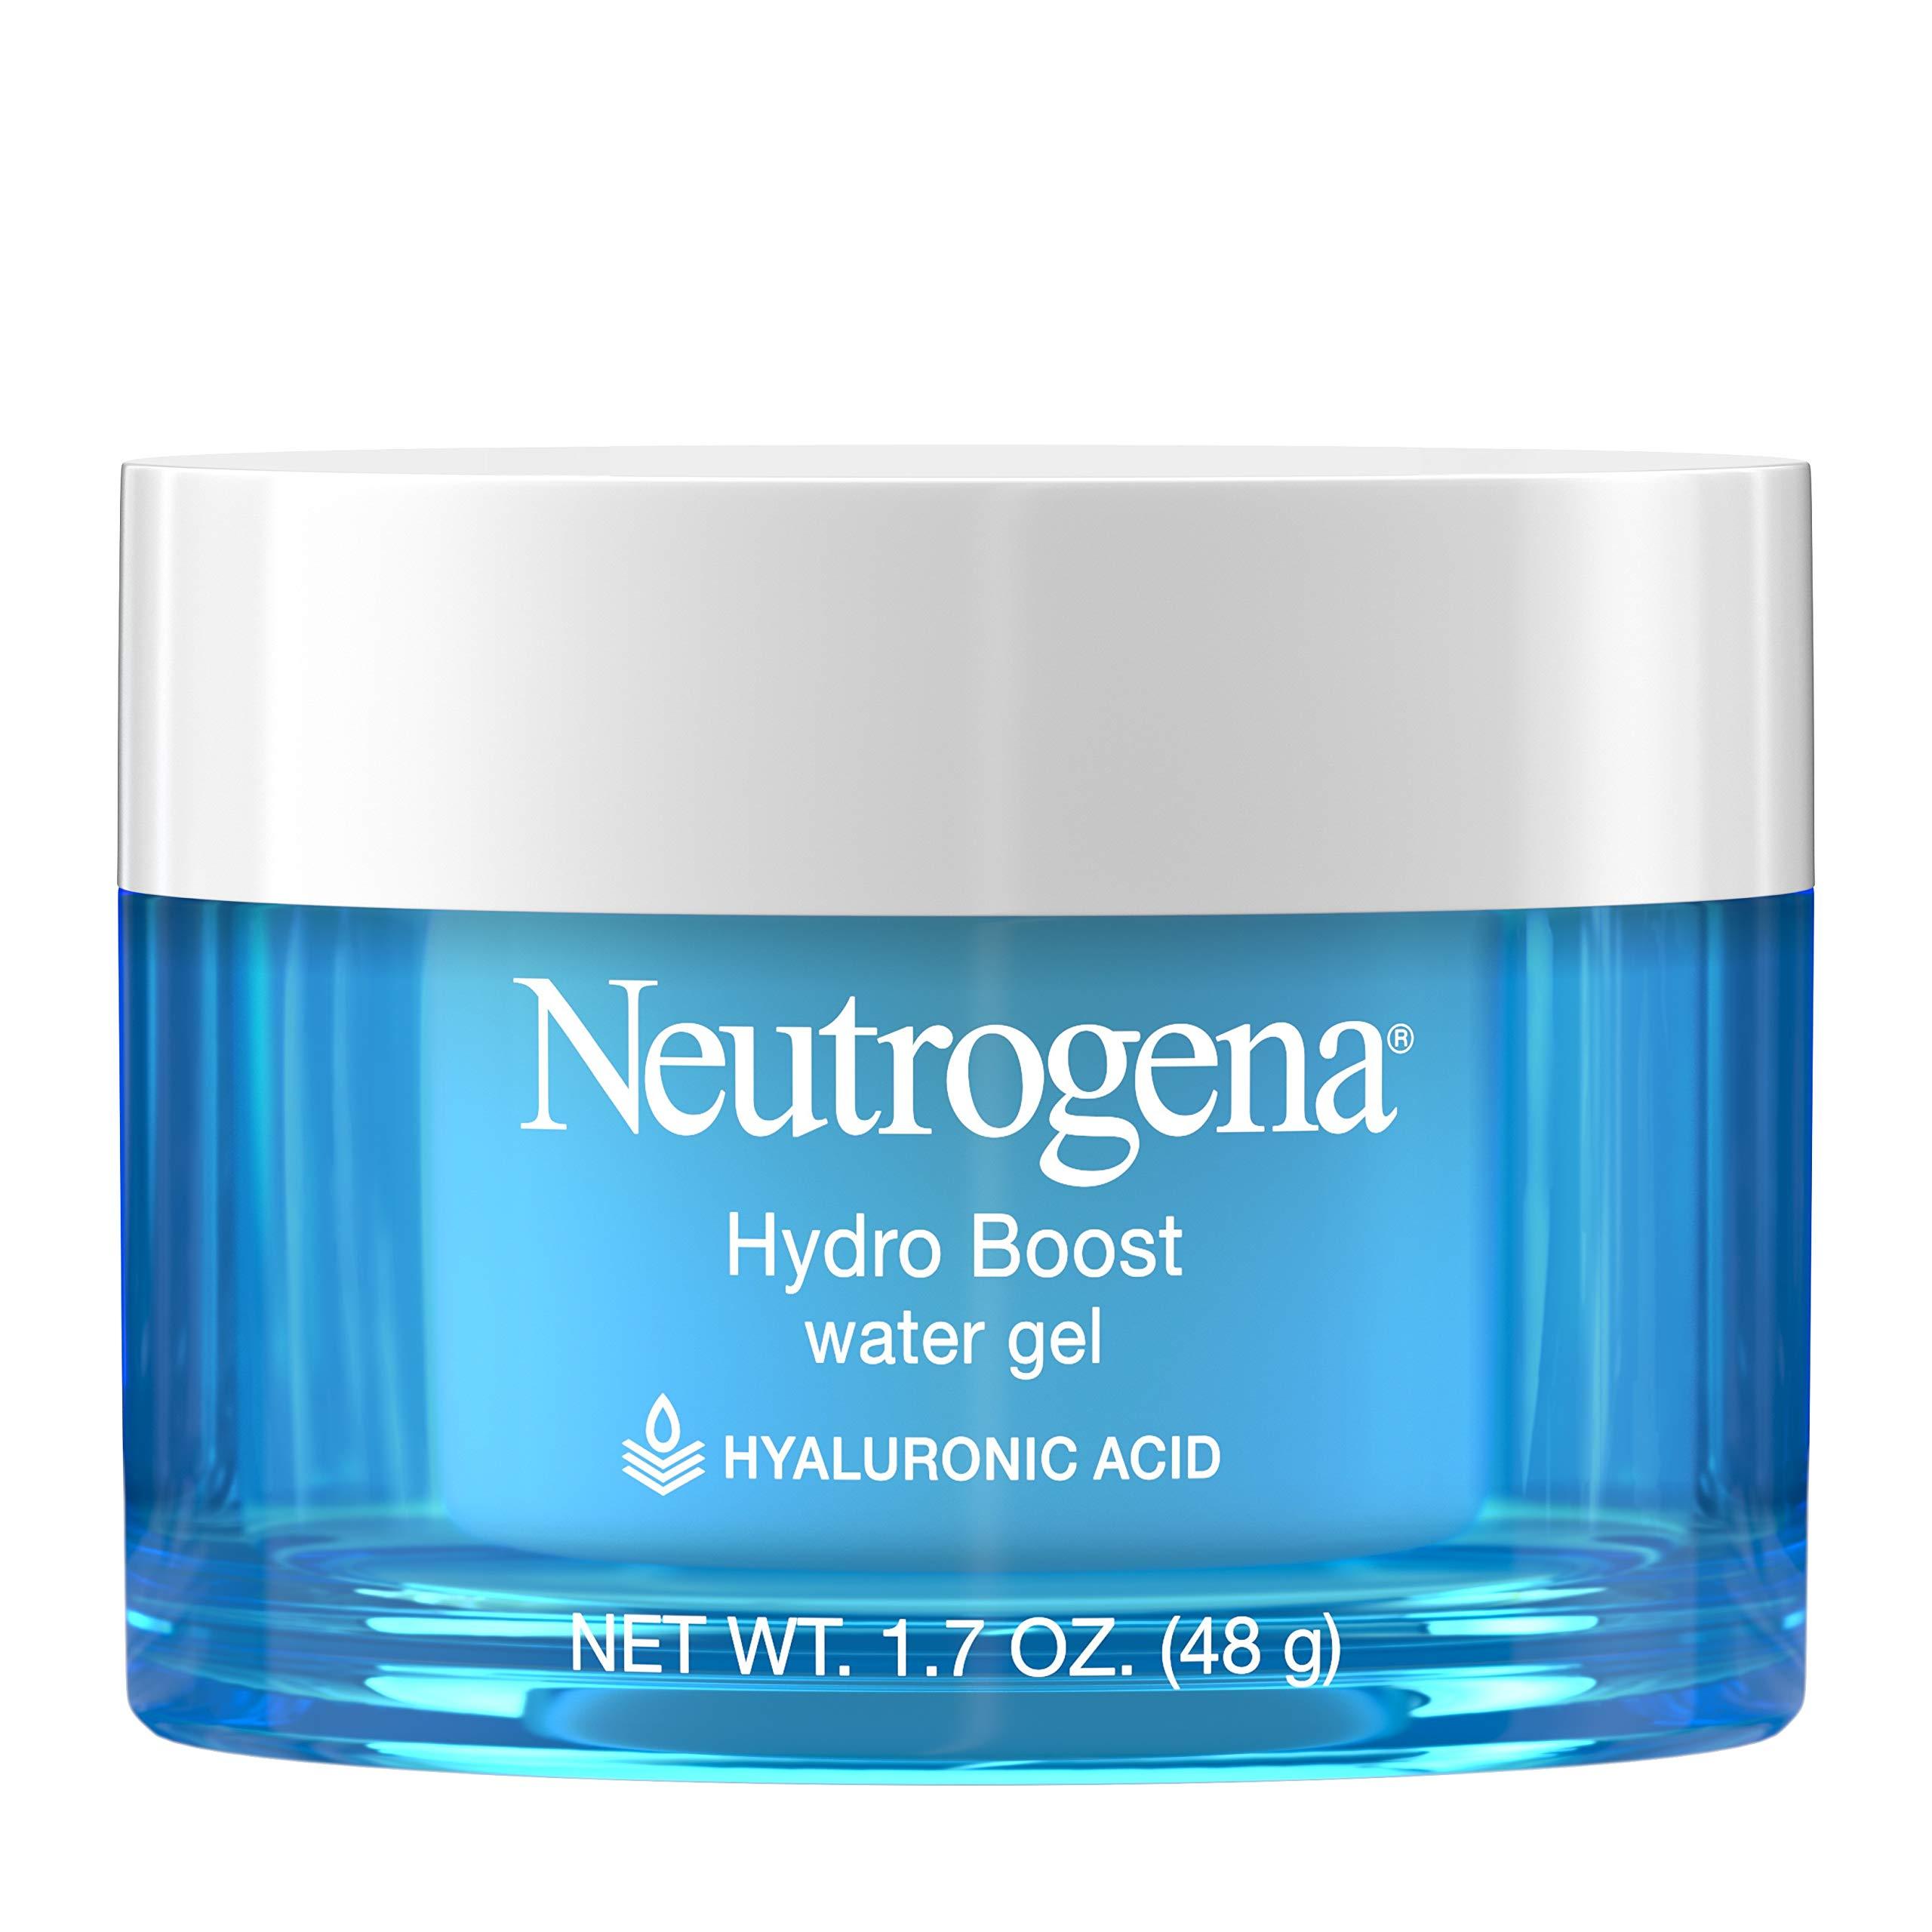 نيوتروجينا هيدرو بوست هيالورونيك ماء الوجه مرطب